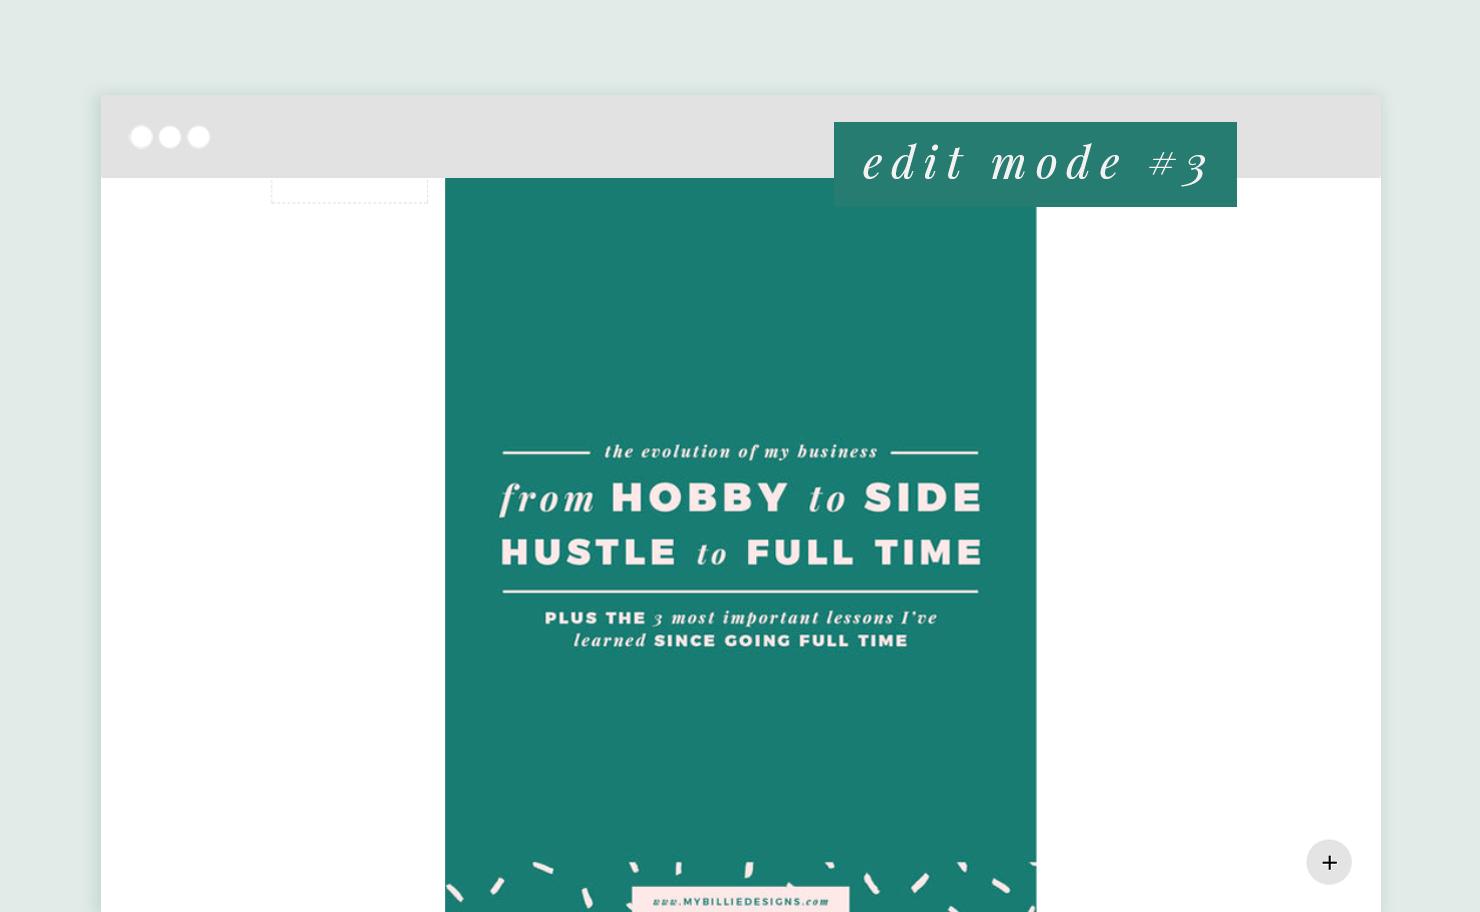 edit mode #3a.jpg